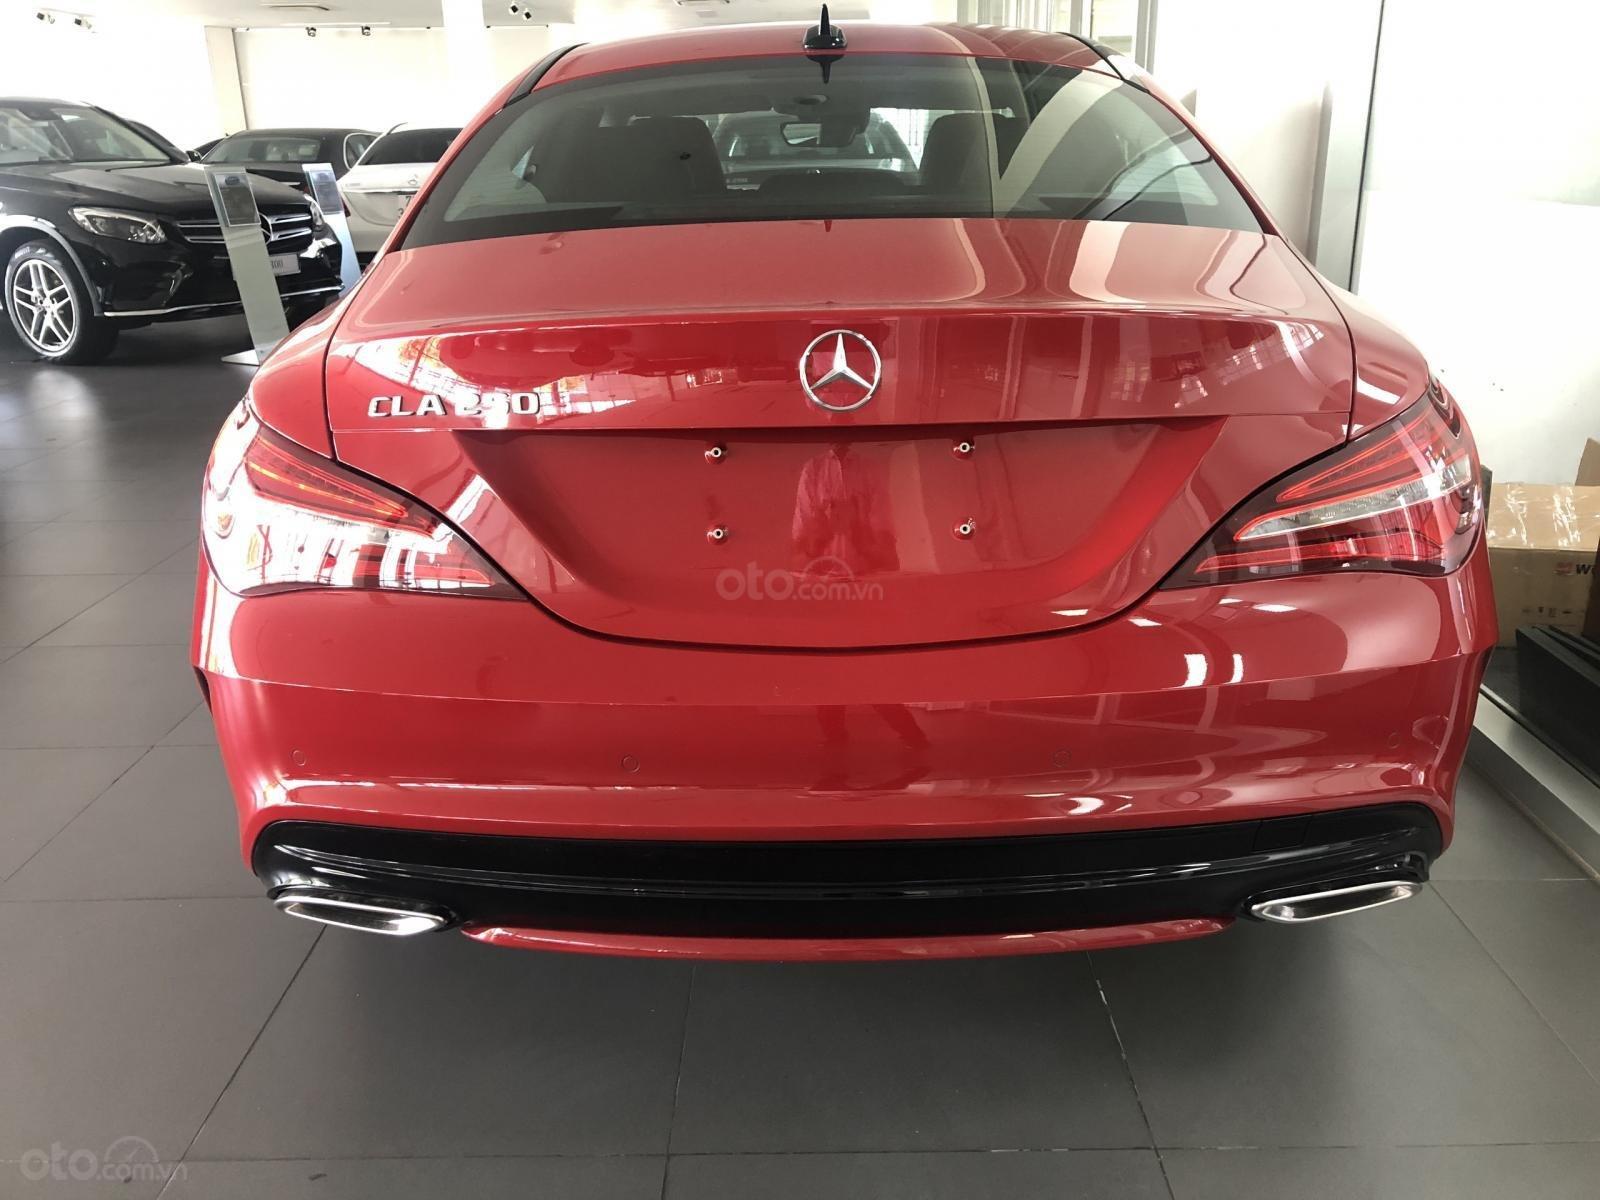 Bán xe Mercedes CLA 250 mới, màu đỏ, xe nhập khẩu, vay trả góp 80% giá trị xe, lãi 0.77%/tháng cố định 36 tháng (3)